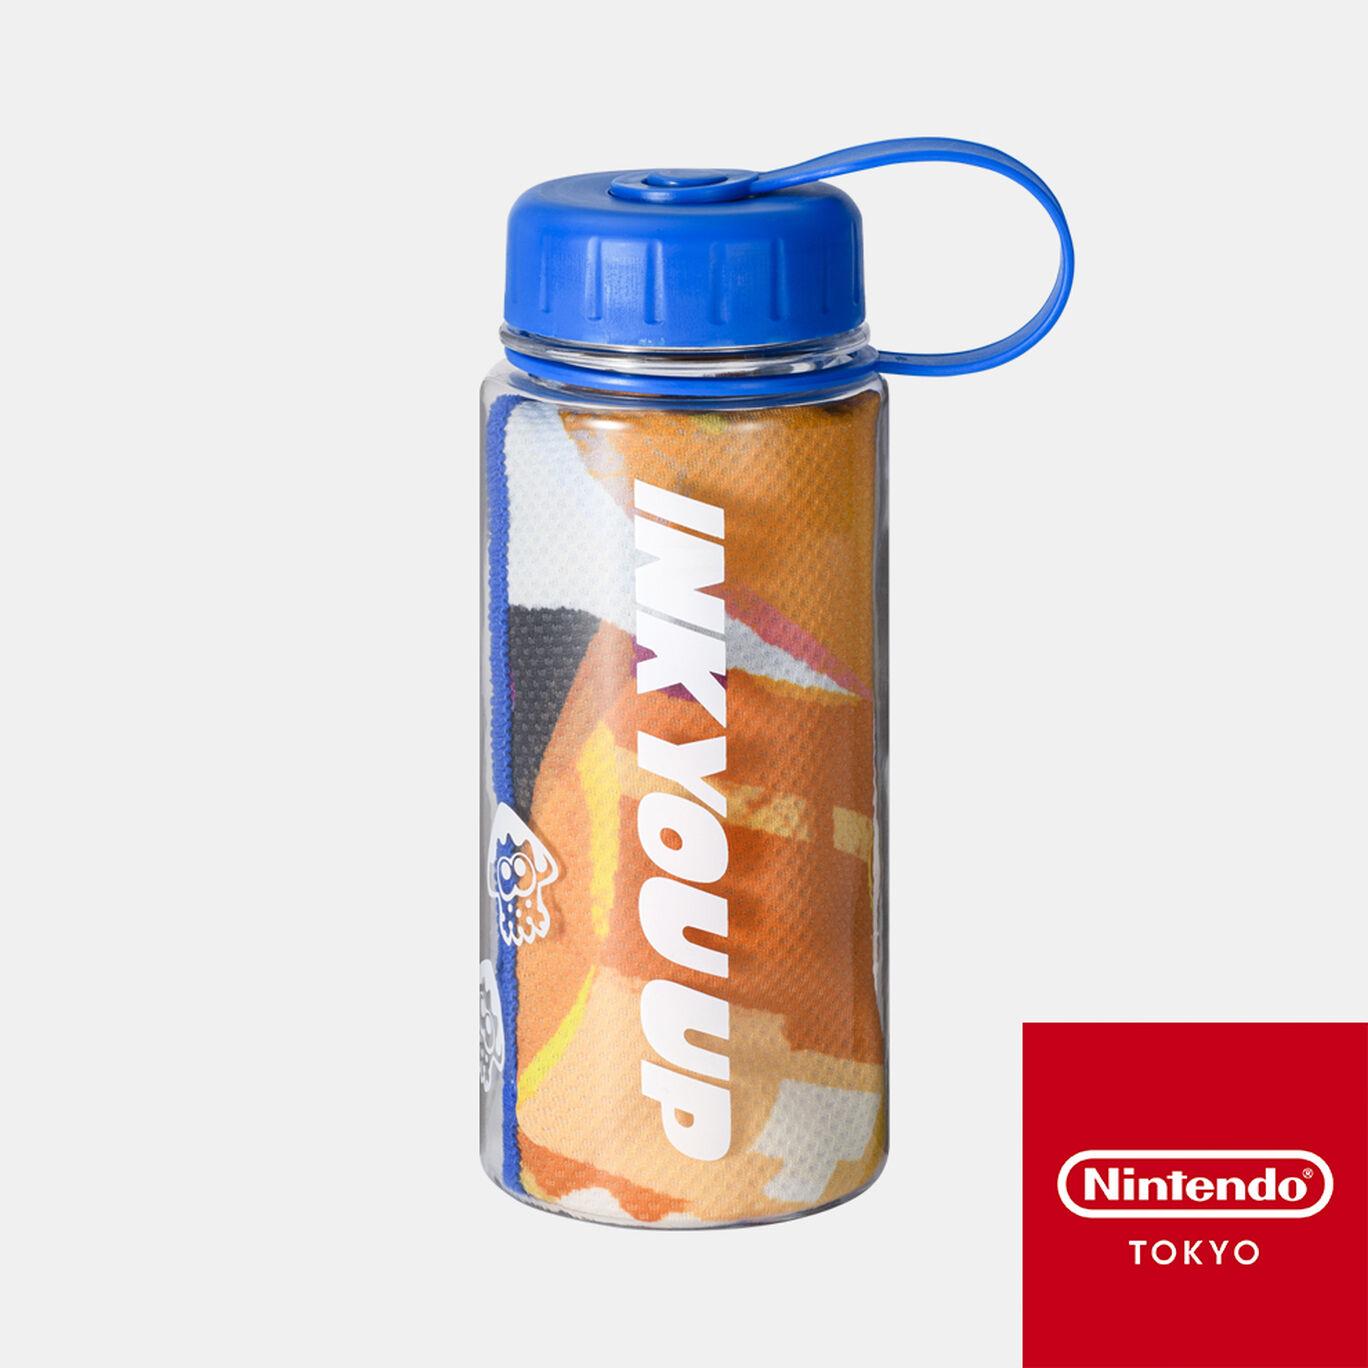 ボトル付きタオル INK YOU UP【Nintendo TOKYO取り扱い商品】